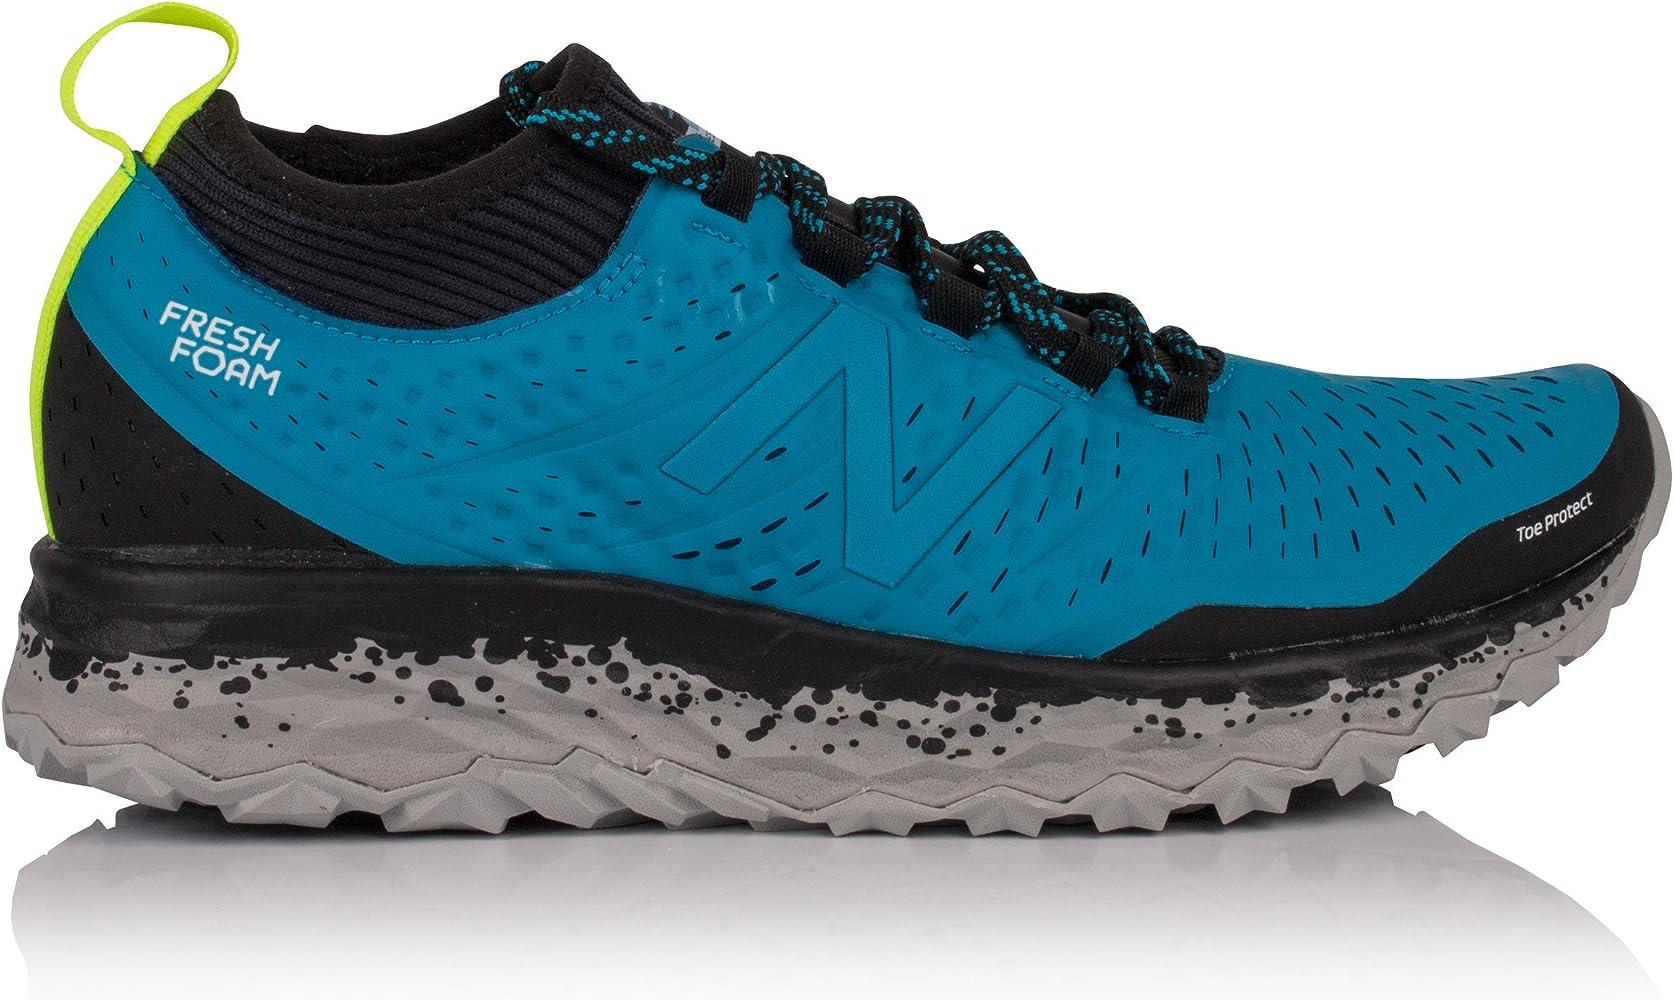 New Balance Hierro V3 Zapatilla De Correr para Tierra - SS18-47.5: Amazon.es: Zapatos y complementos